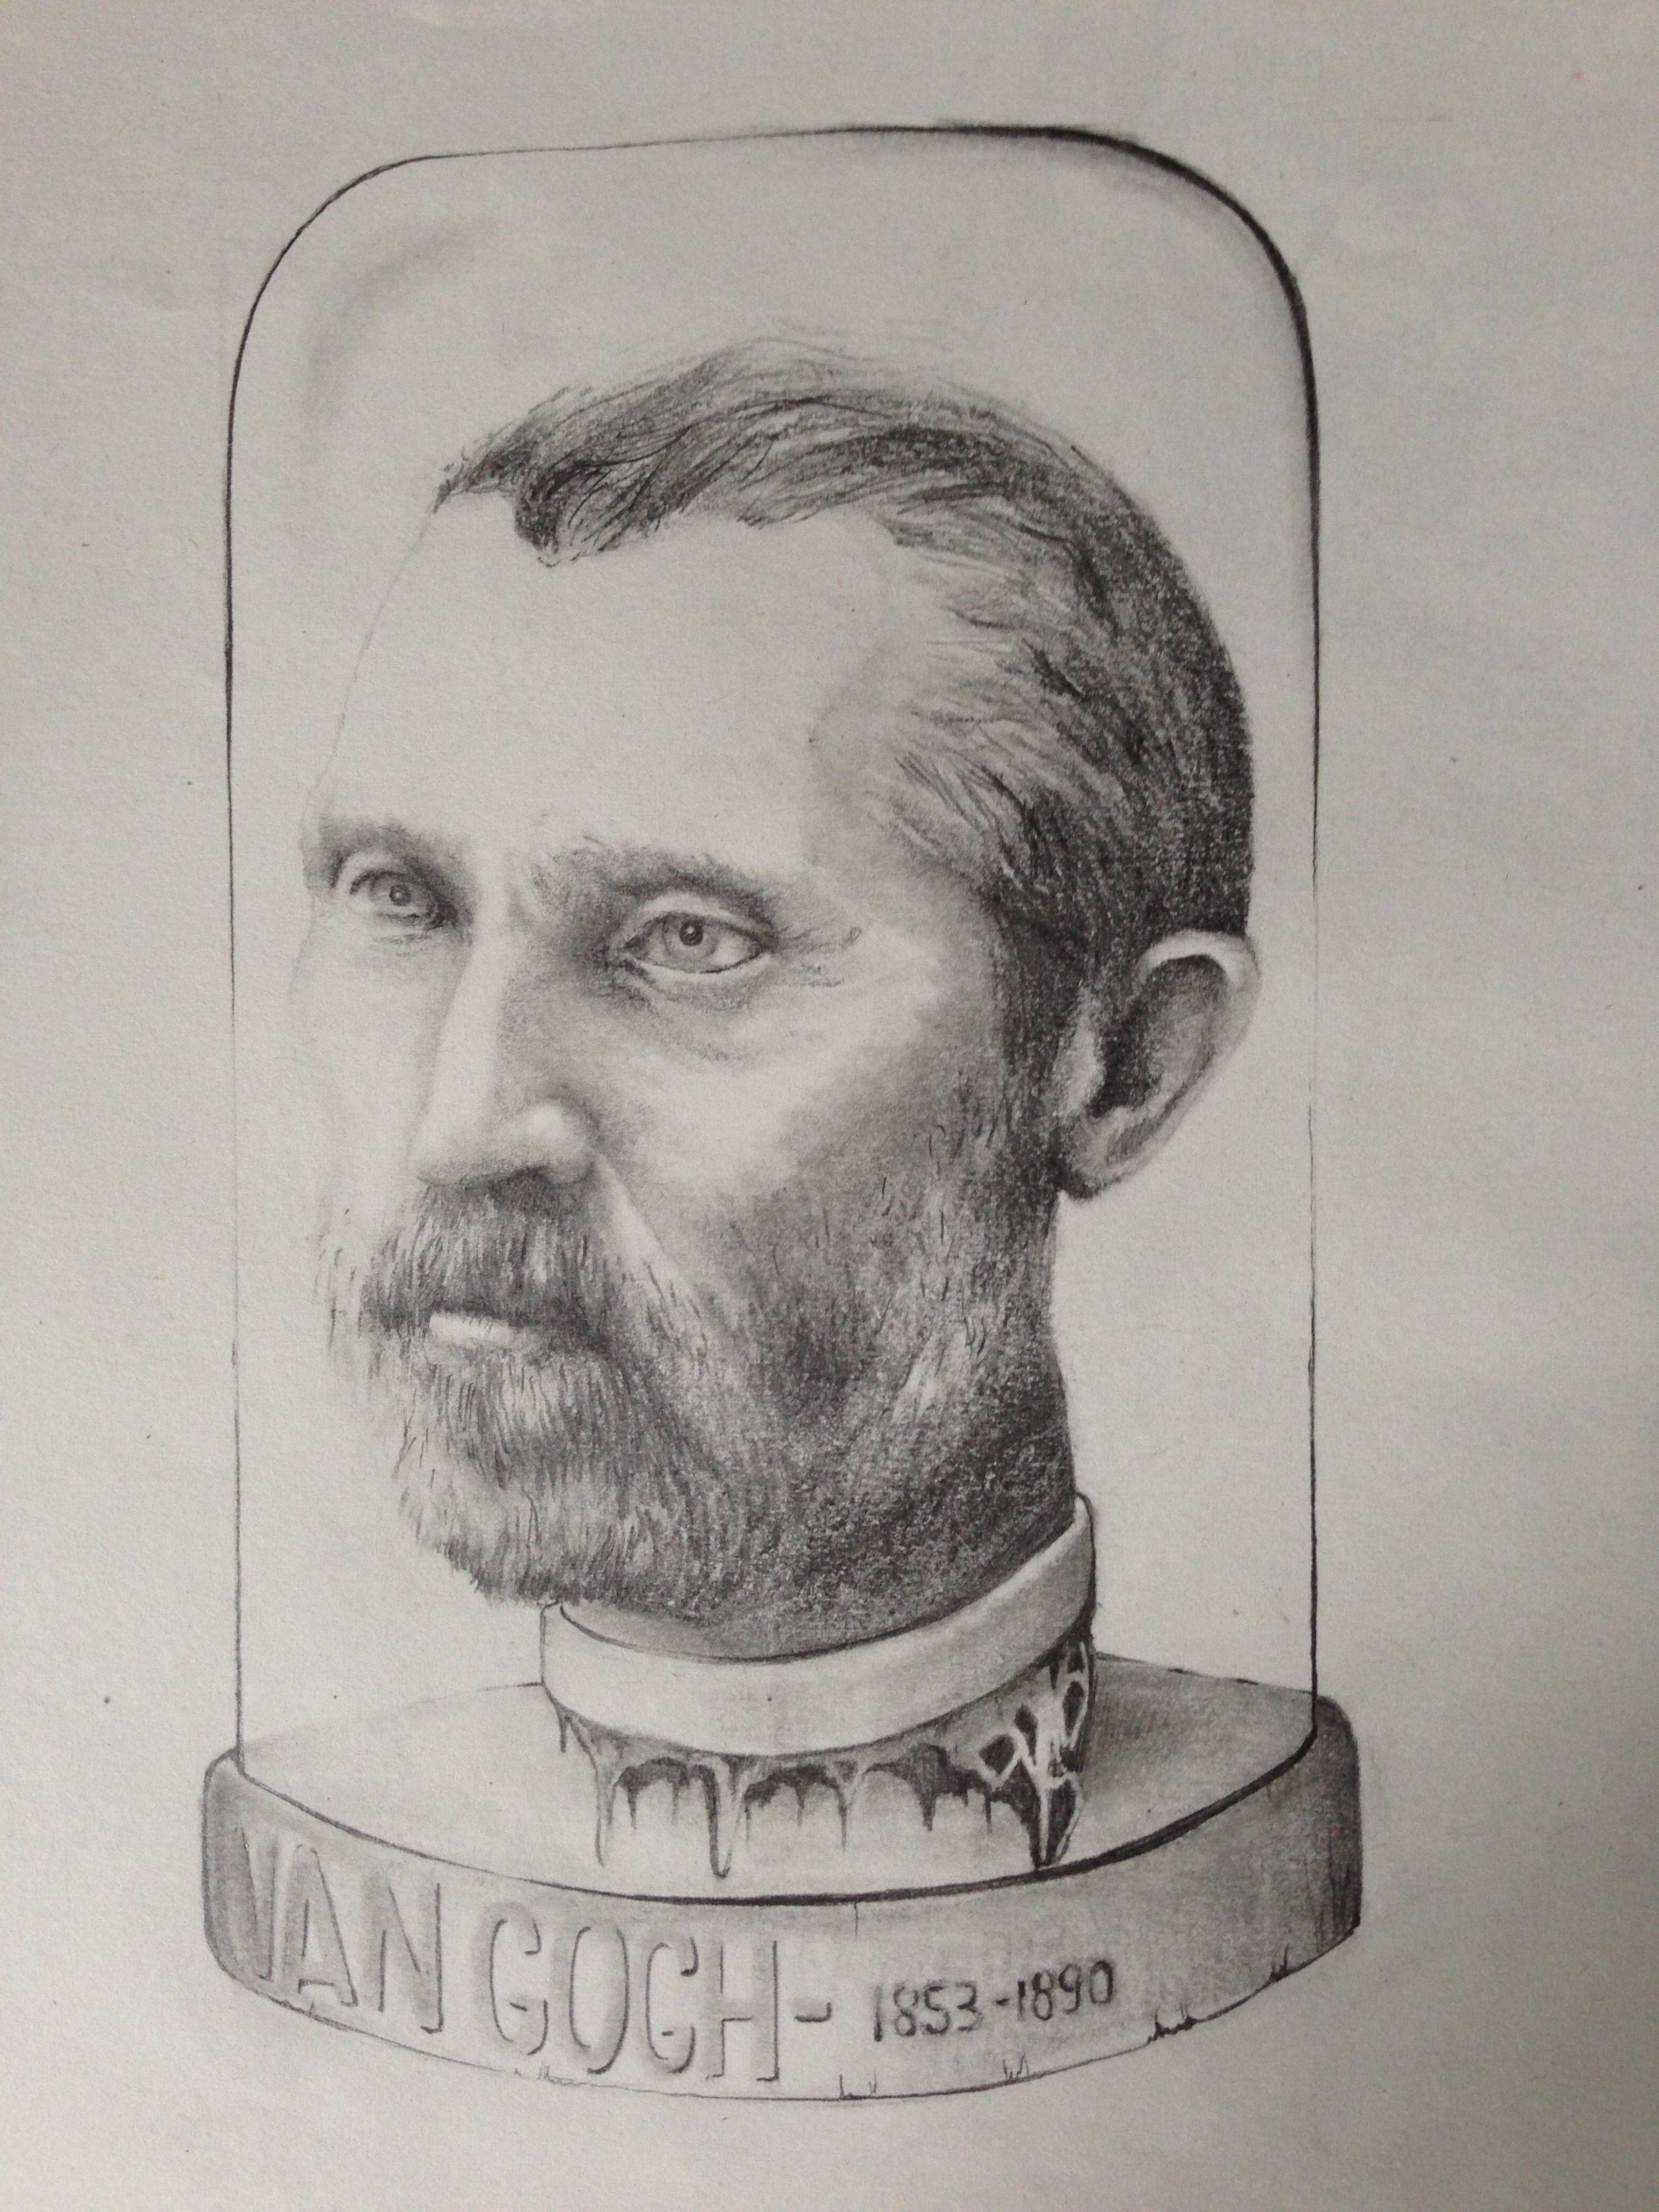 Van Gogh. Pencil